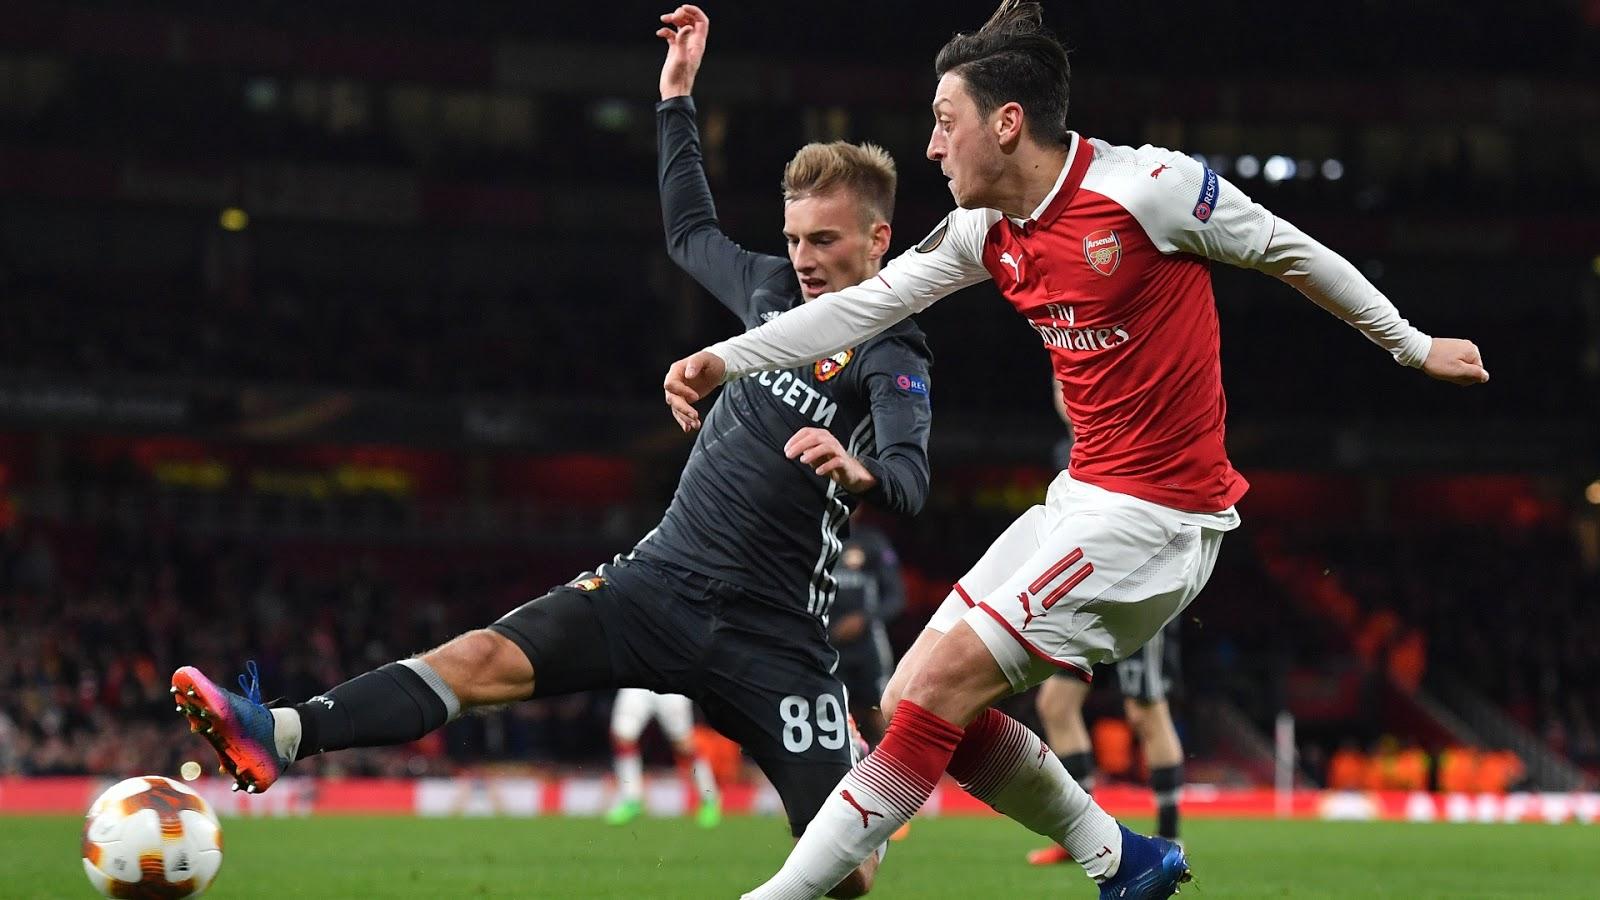 Lacazette-viet-tiep-tham-vong-cua-Arsenal-tai-Europa-League-1